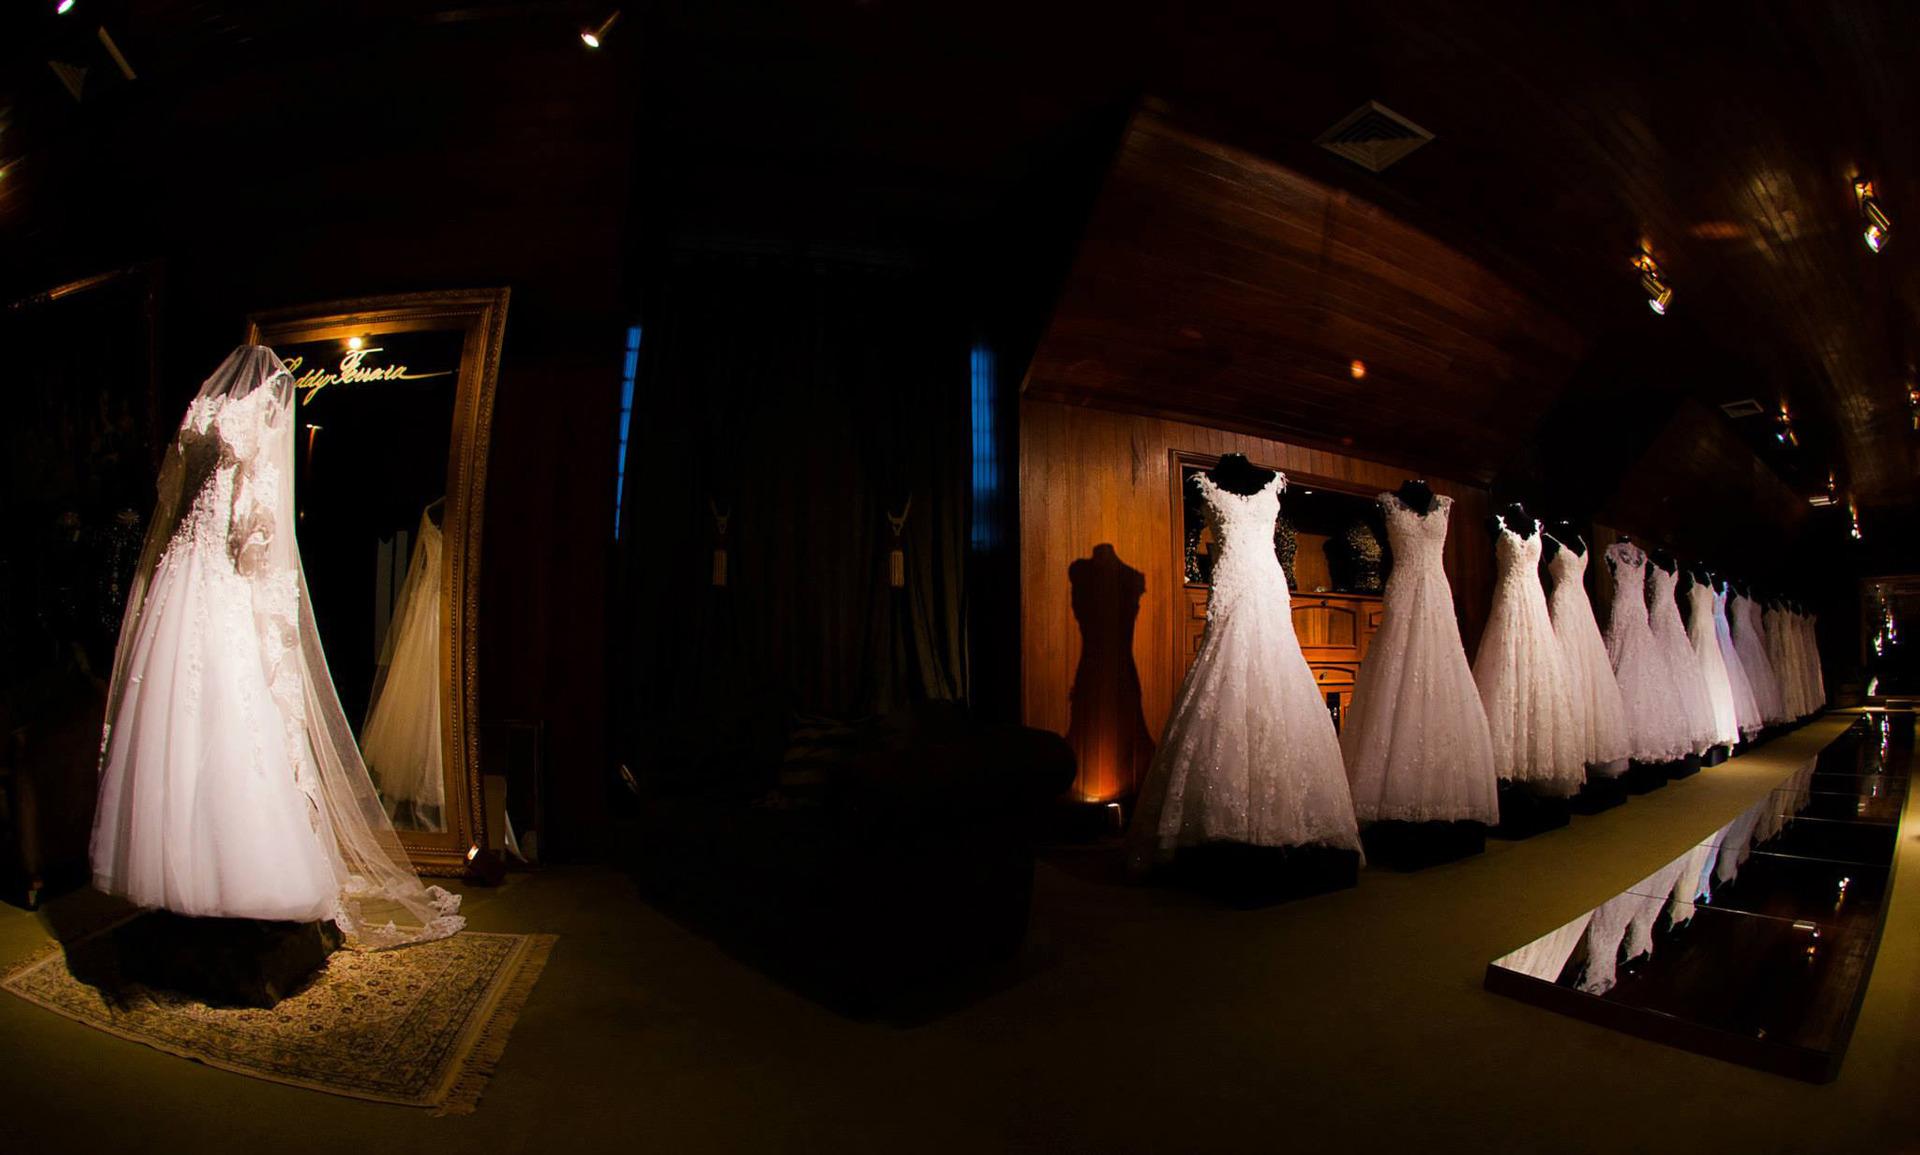 fotografo de casamento em jaguariuna - sp